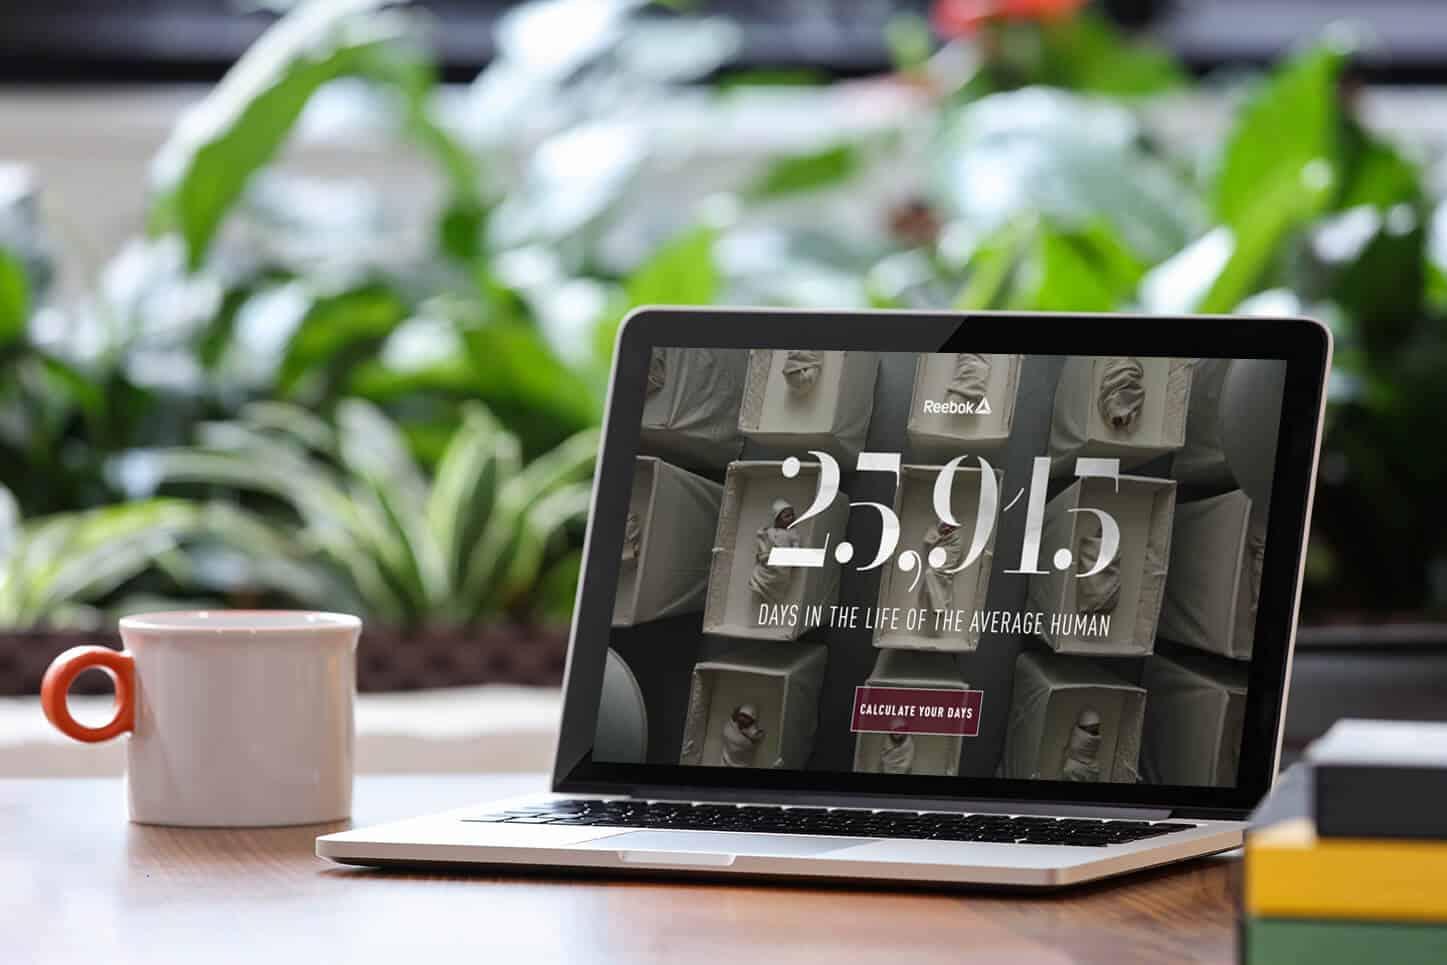 bbadv-articolo-video-marketing